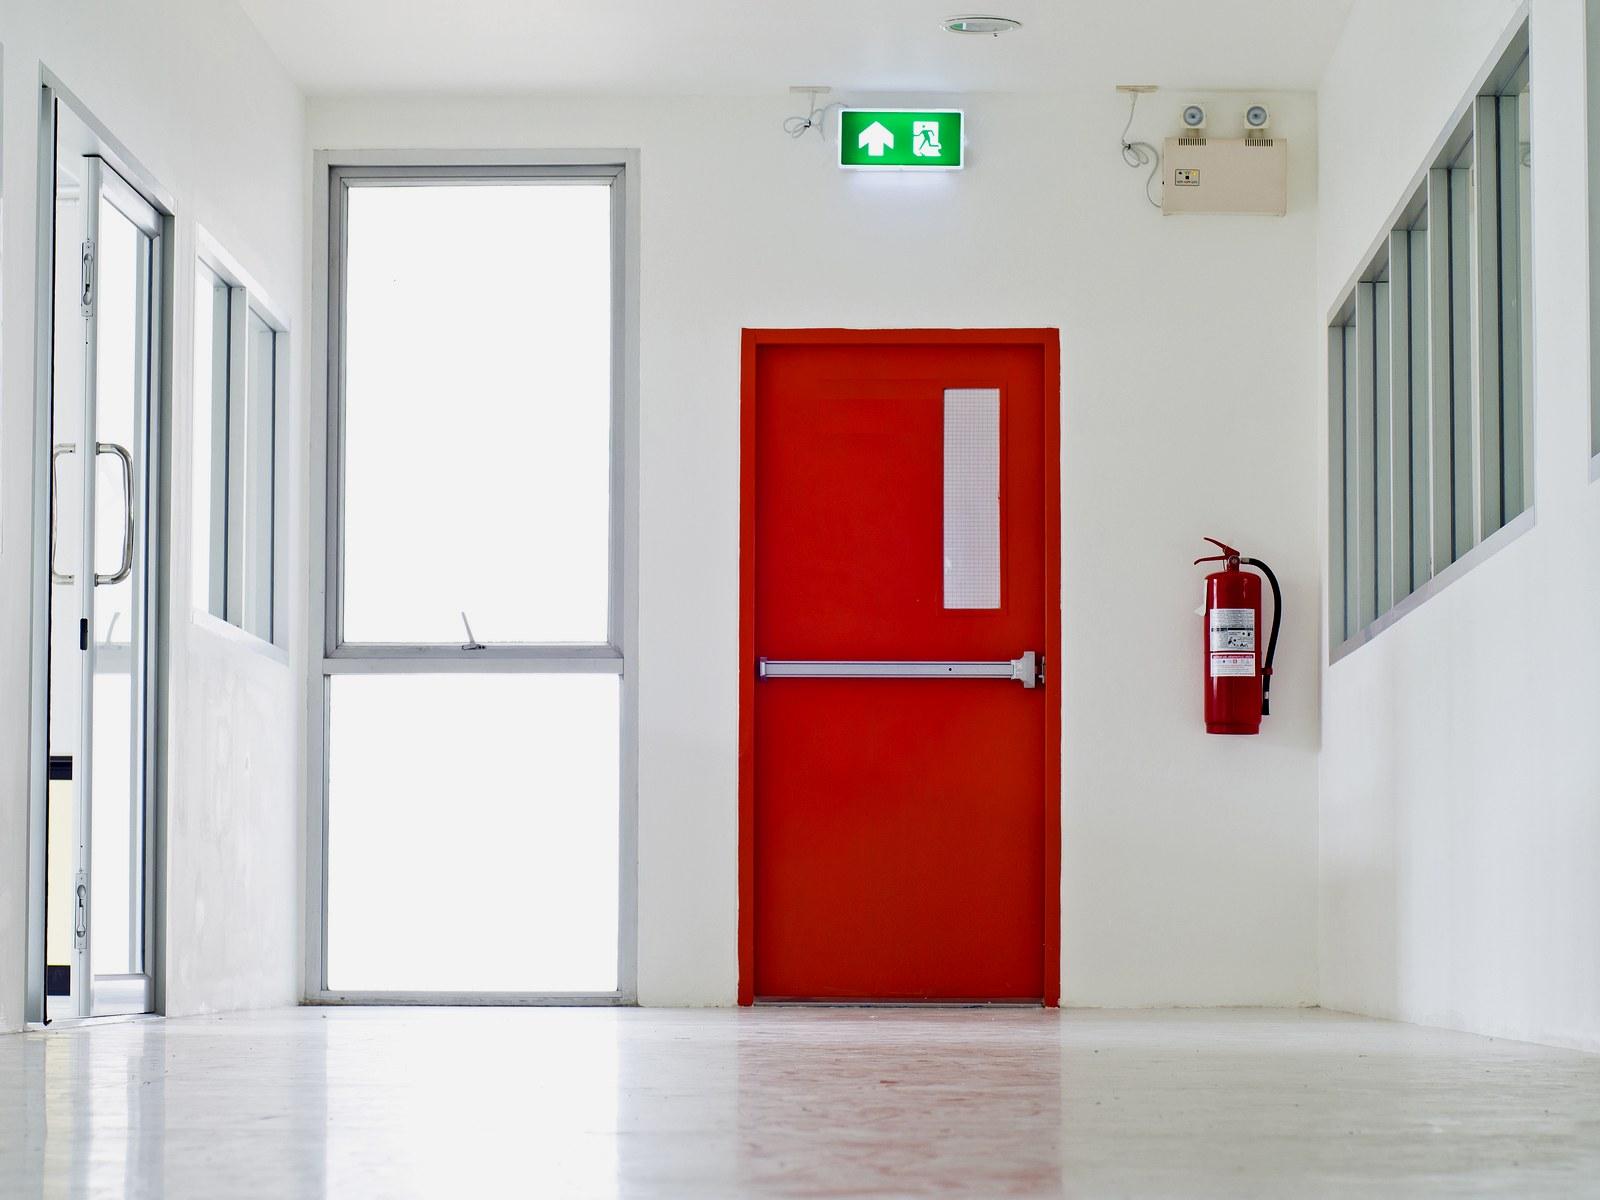 В ходе обследования здания эксперты проверят надлежащую работу и маркировку эвакуационных выходов.